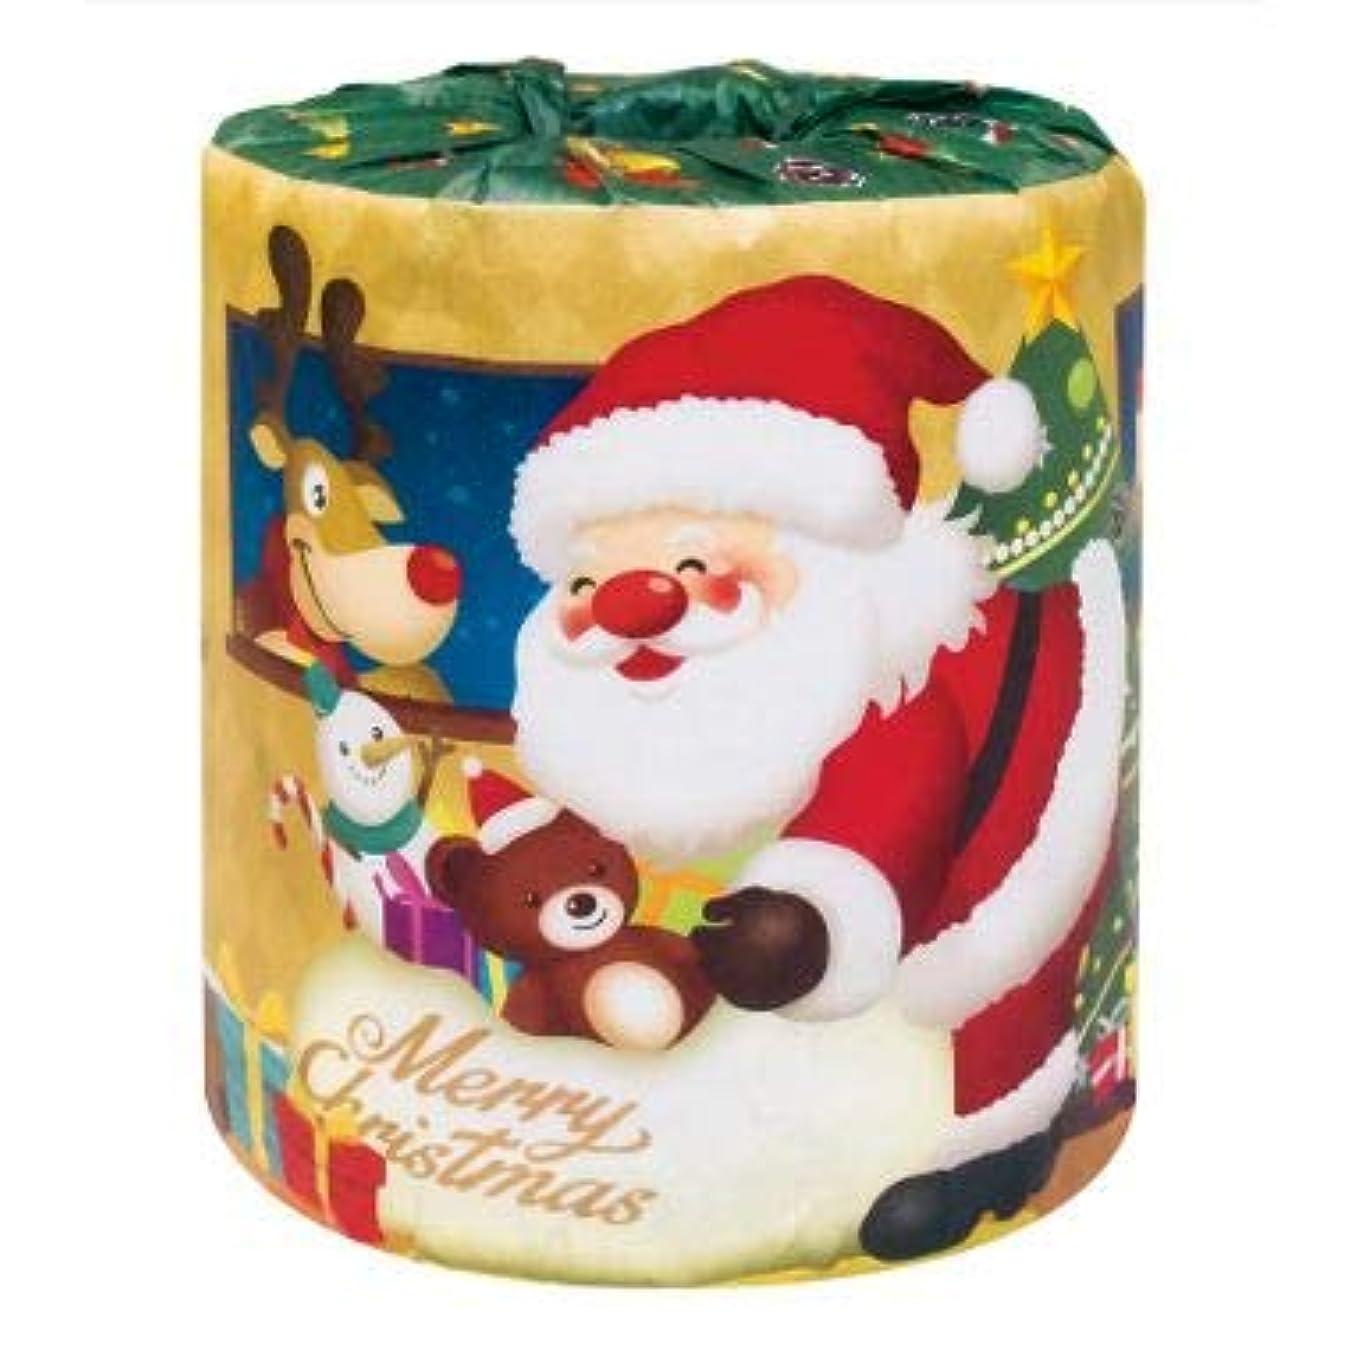 祖父母を訪問動くトリプル【サンタロール1Rトイレットペーパー 1ケース100個入】Xmas クリスマス パーティー イベント用 催事 販促用 粗品 ディスプレイ 積み上げ